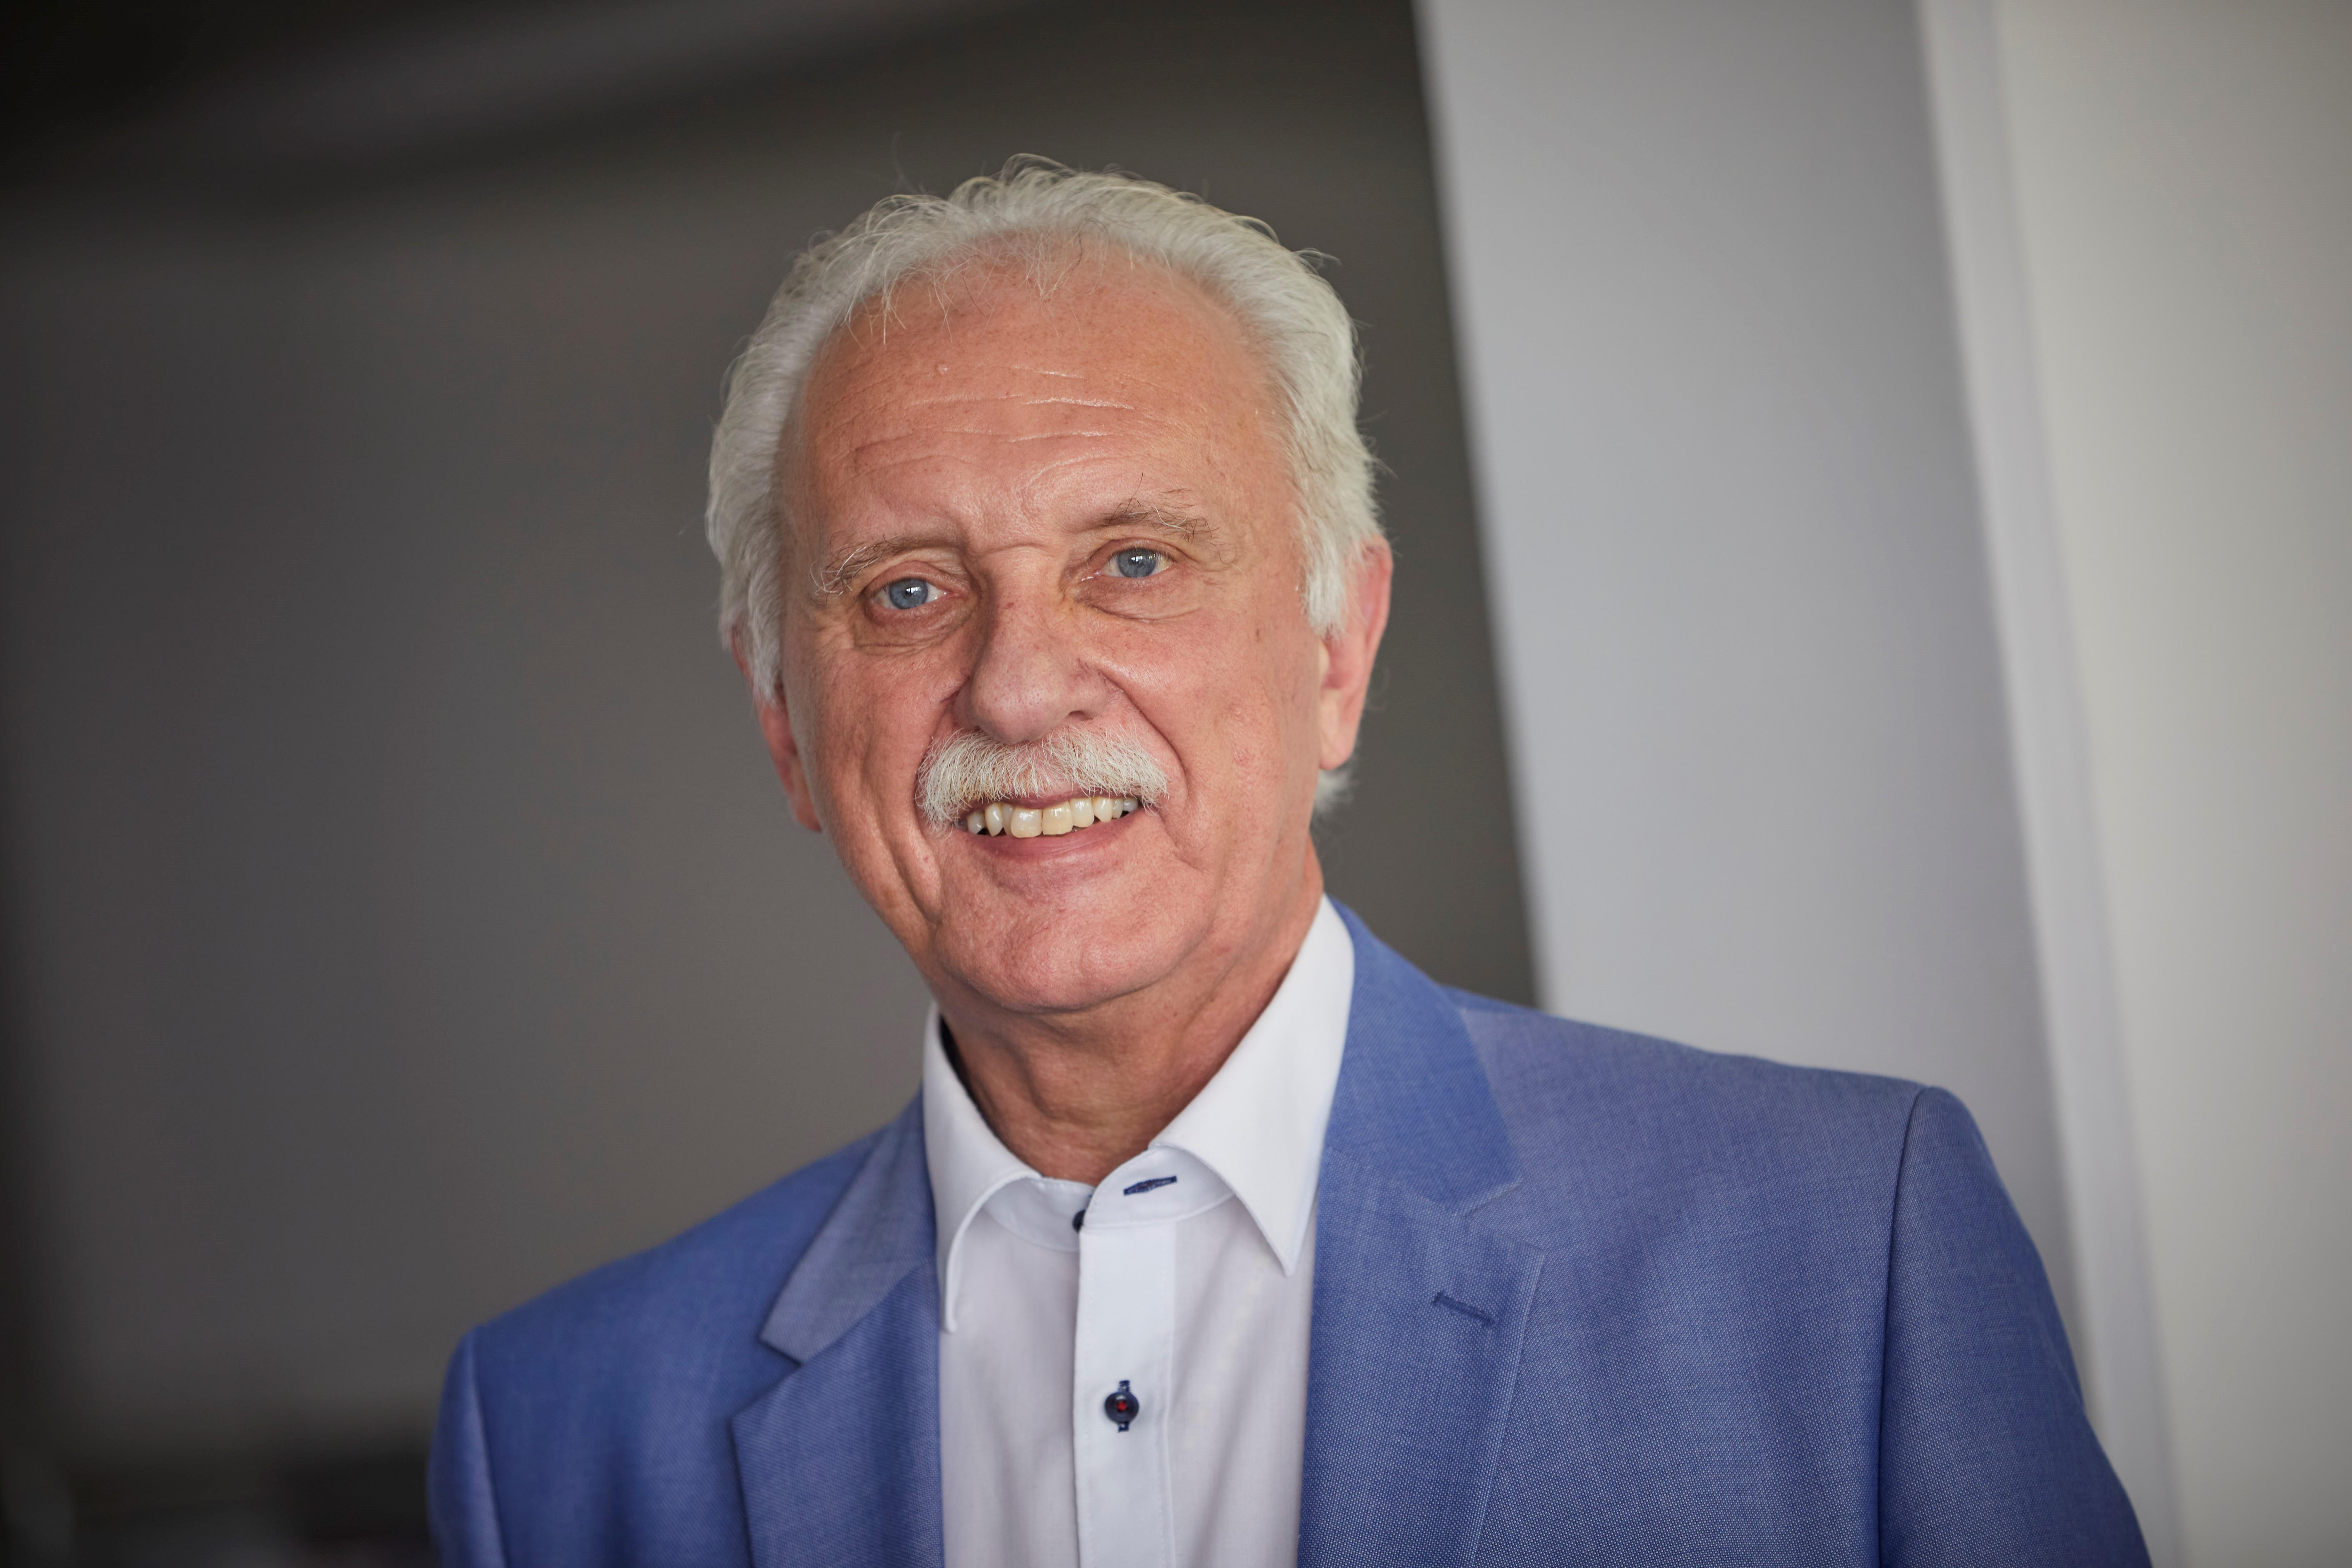 Drei Fragen an… Horst Sahrbacher, Vorsitzender der Geschäftsführung der Agentur für Arbeit Offenburg